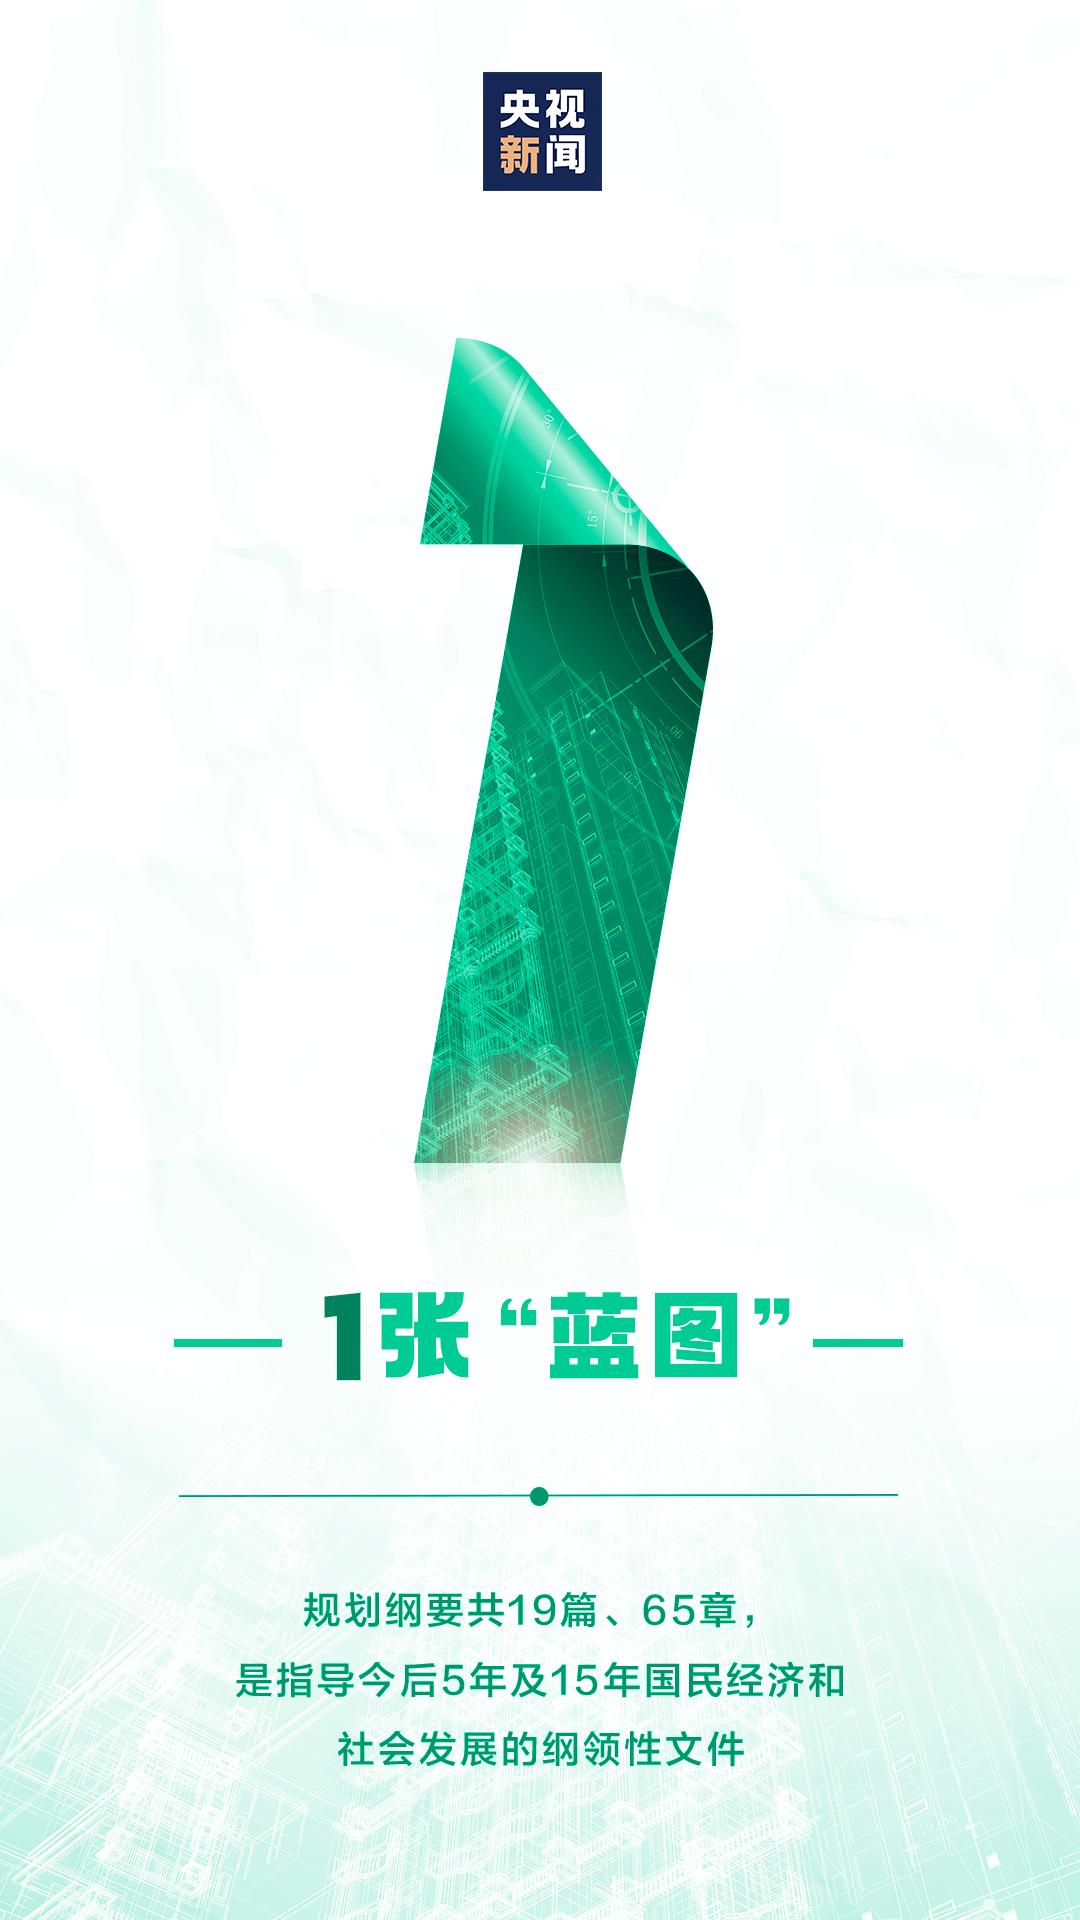 沐鸣3注册登录-首页【1.1.1】